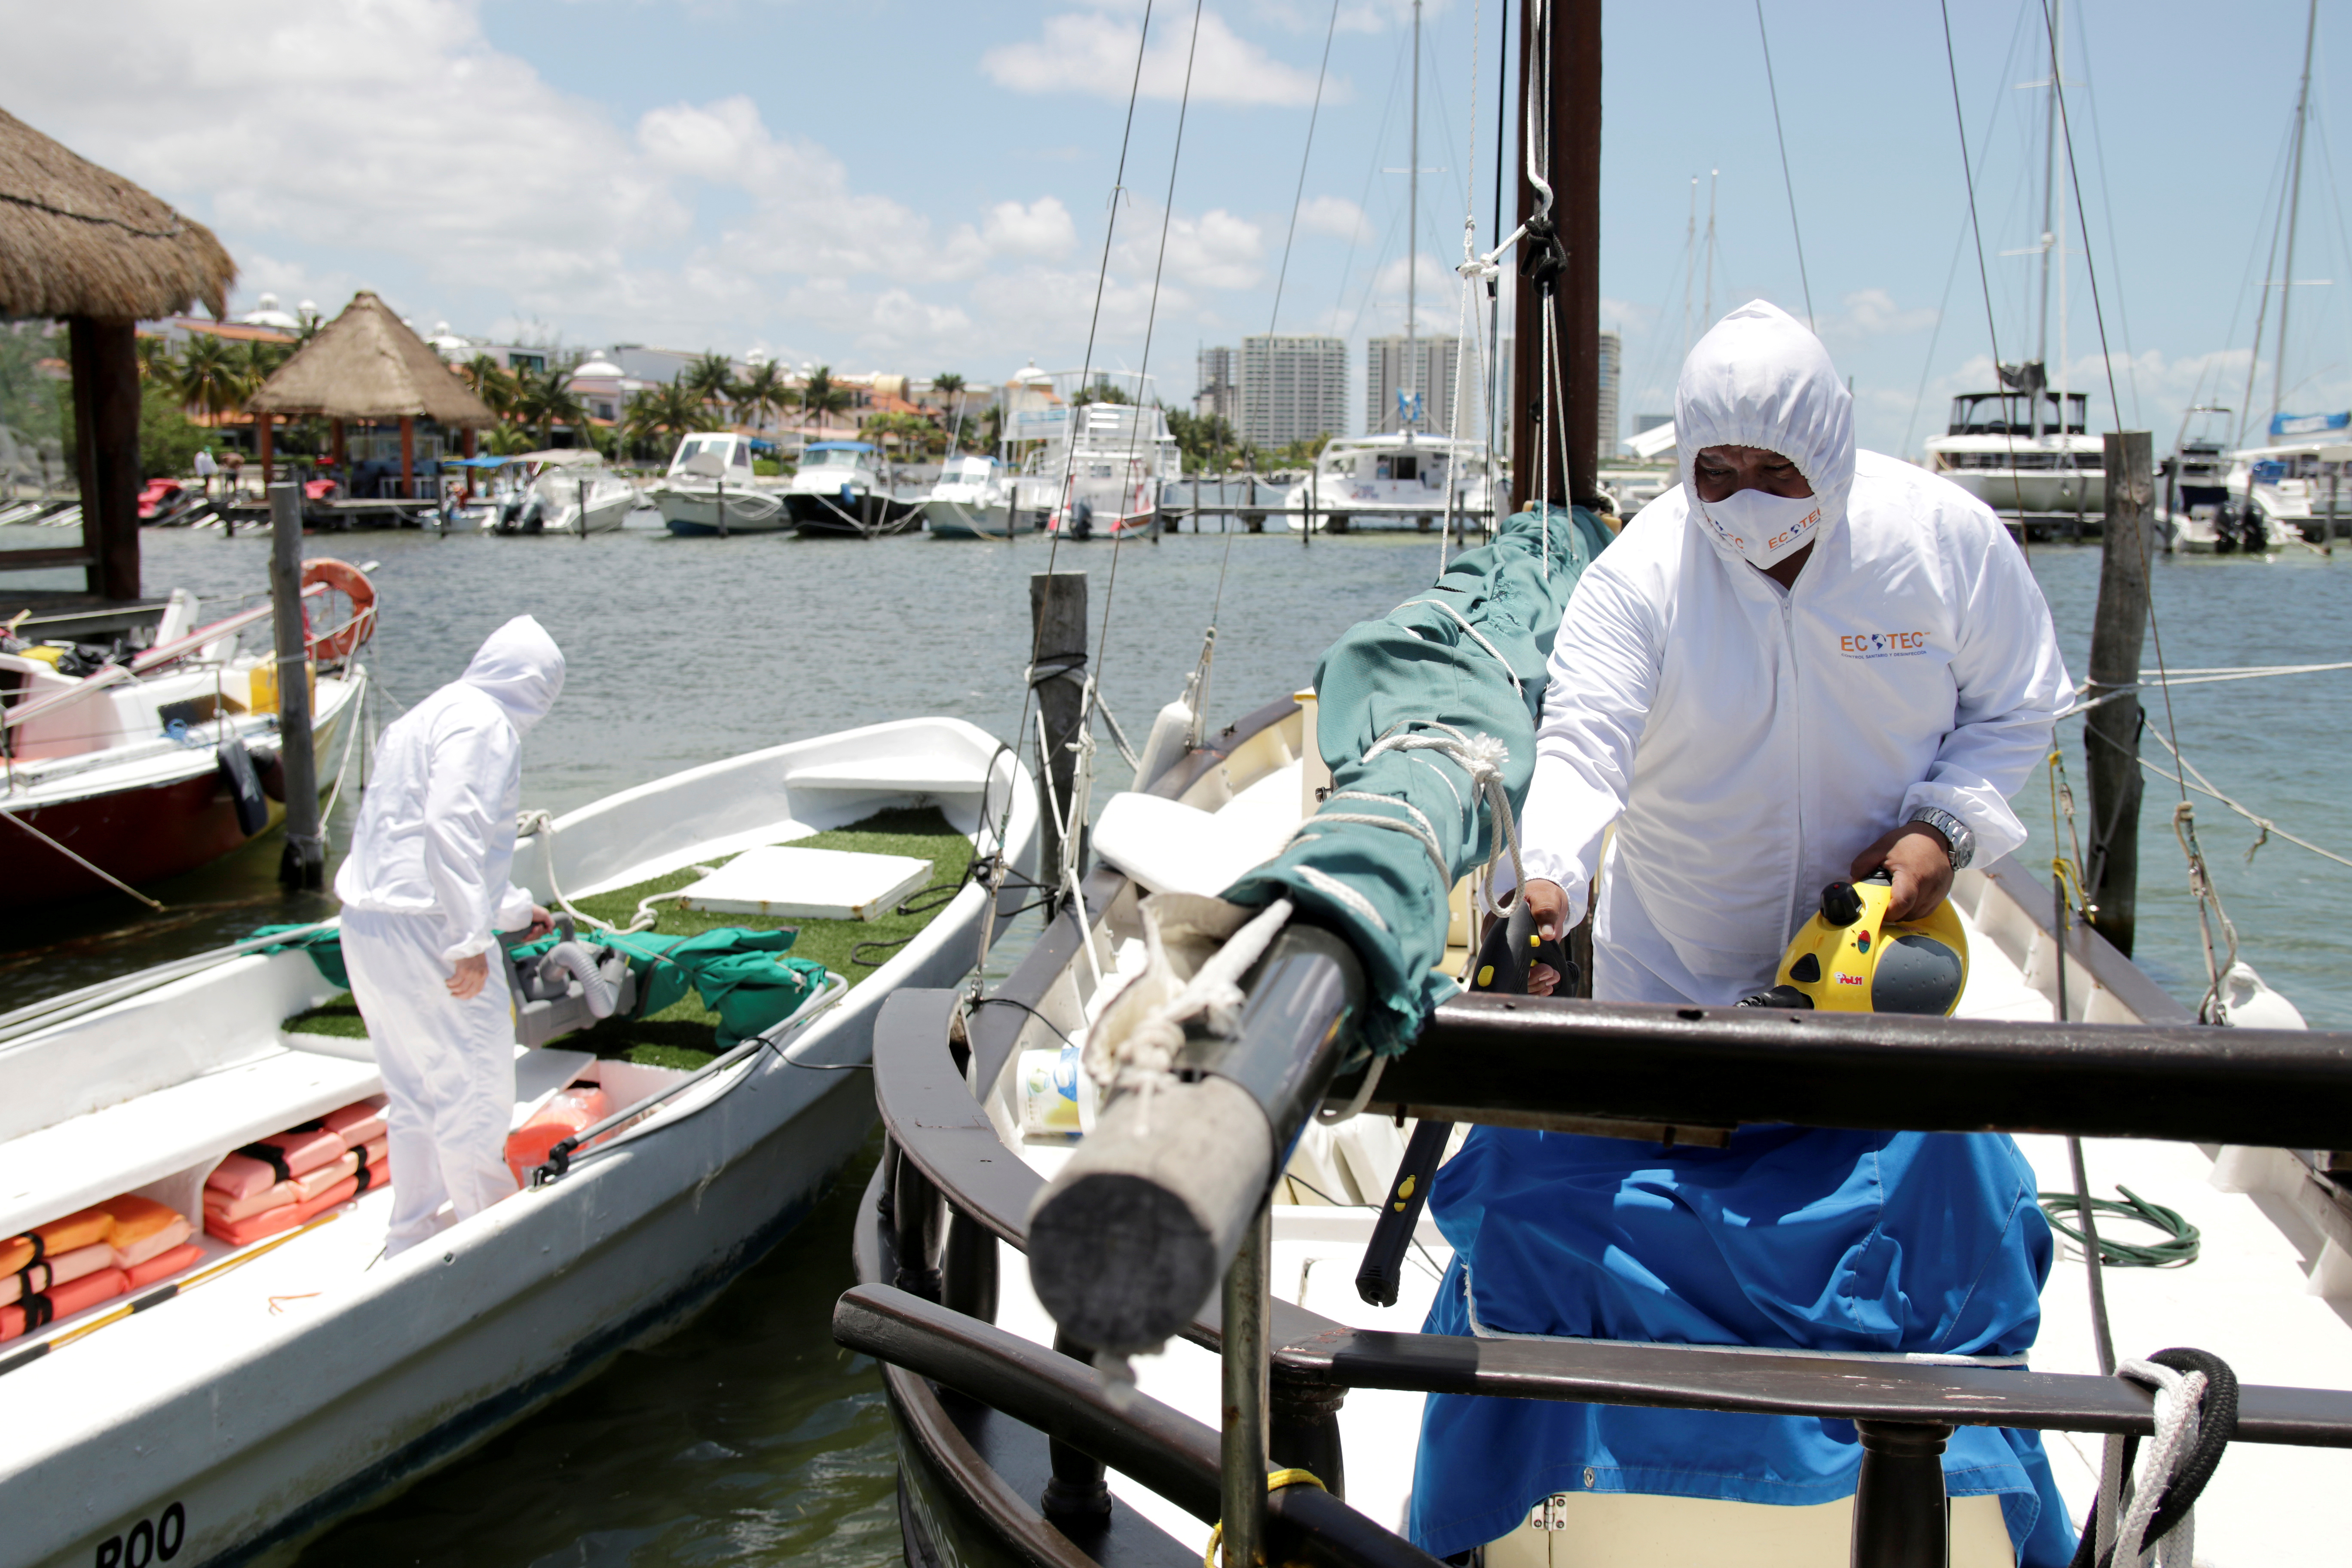 Los empleados de una empresa privada desinfectan los barcos en un puerto deportivo después de que las autoridades locales impusieron estrictas medidas sanitarias para reabrir gradualmente a pesar de la pandemia de la enfermedad por coronavirus (COVID-19), en Cancún, México, 10 de junio de 2020. Fotografía tomada el 10 de junio de 2020. Foto: Reuters.